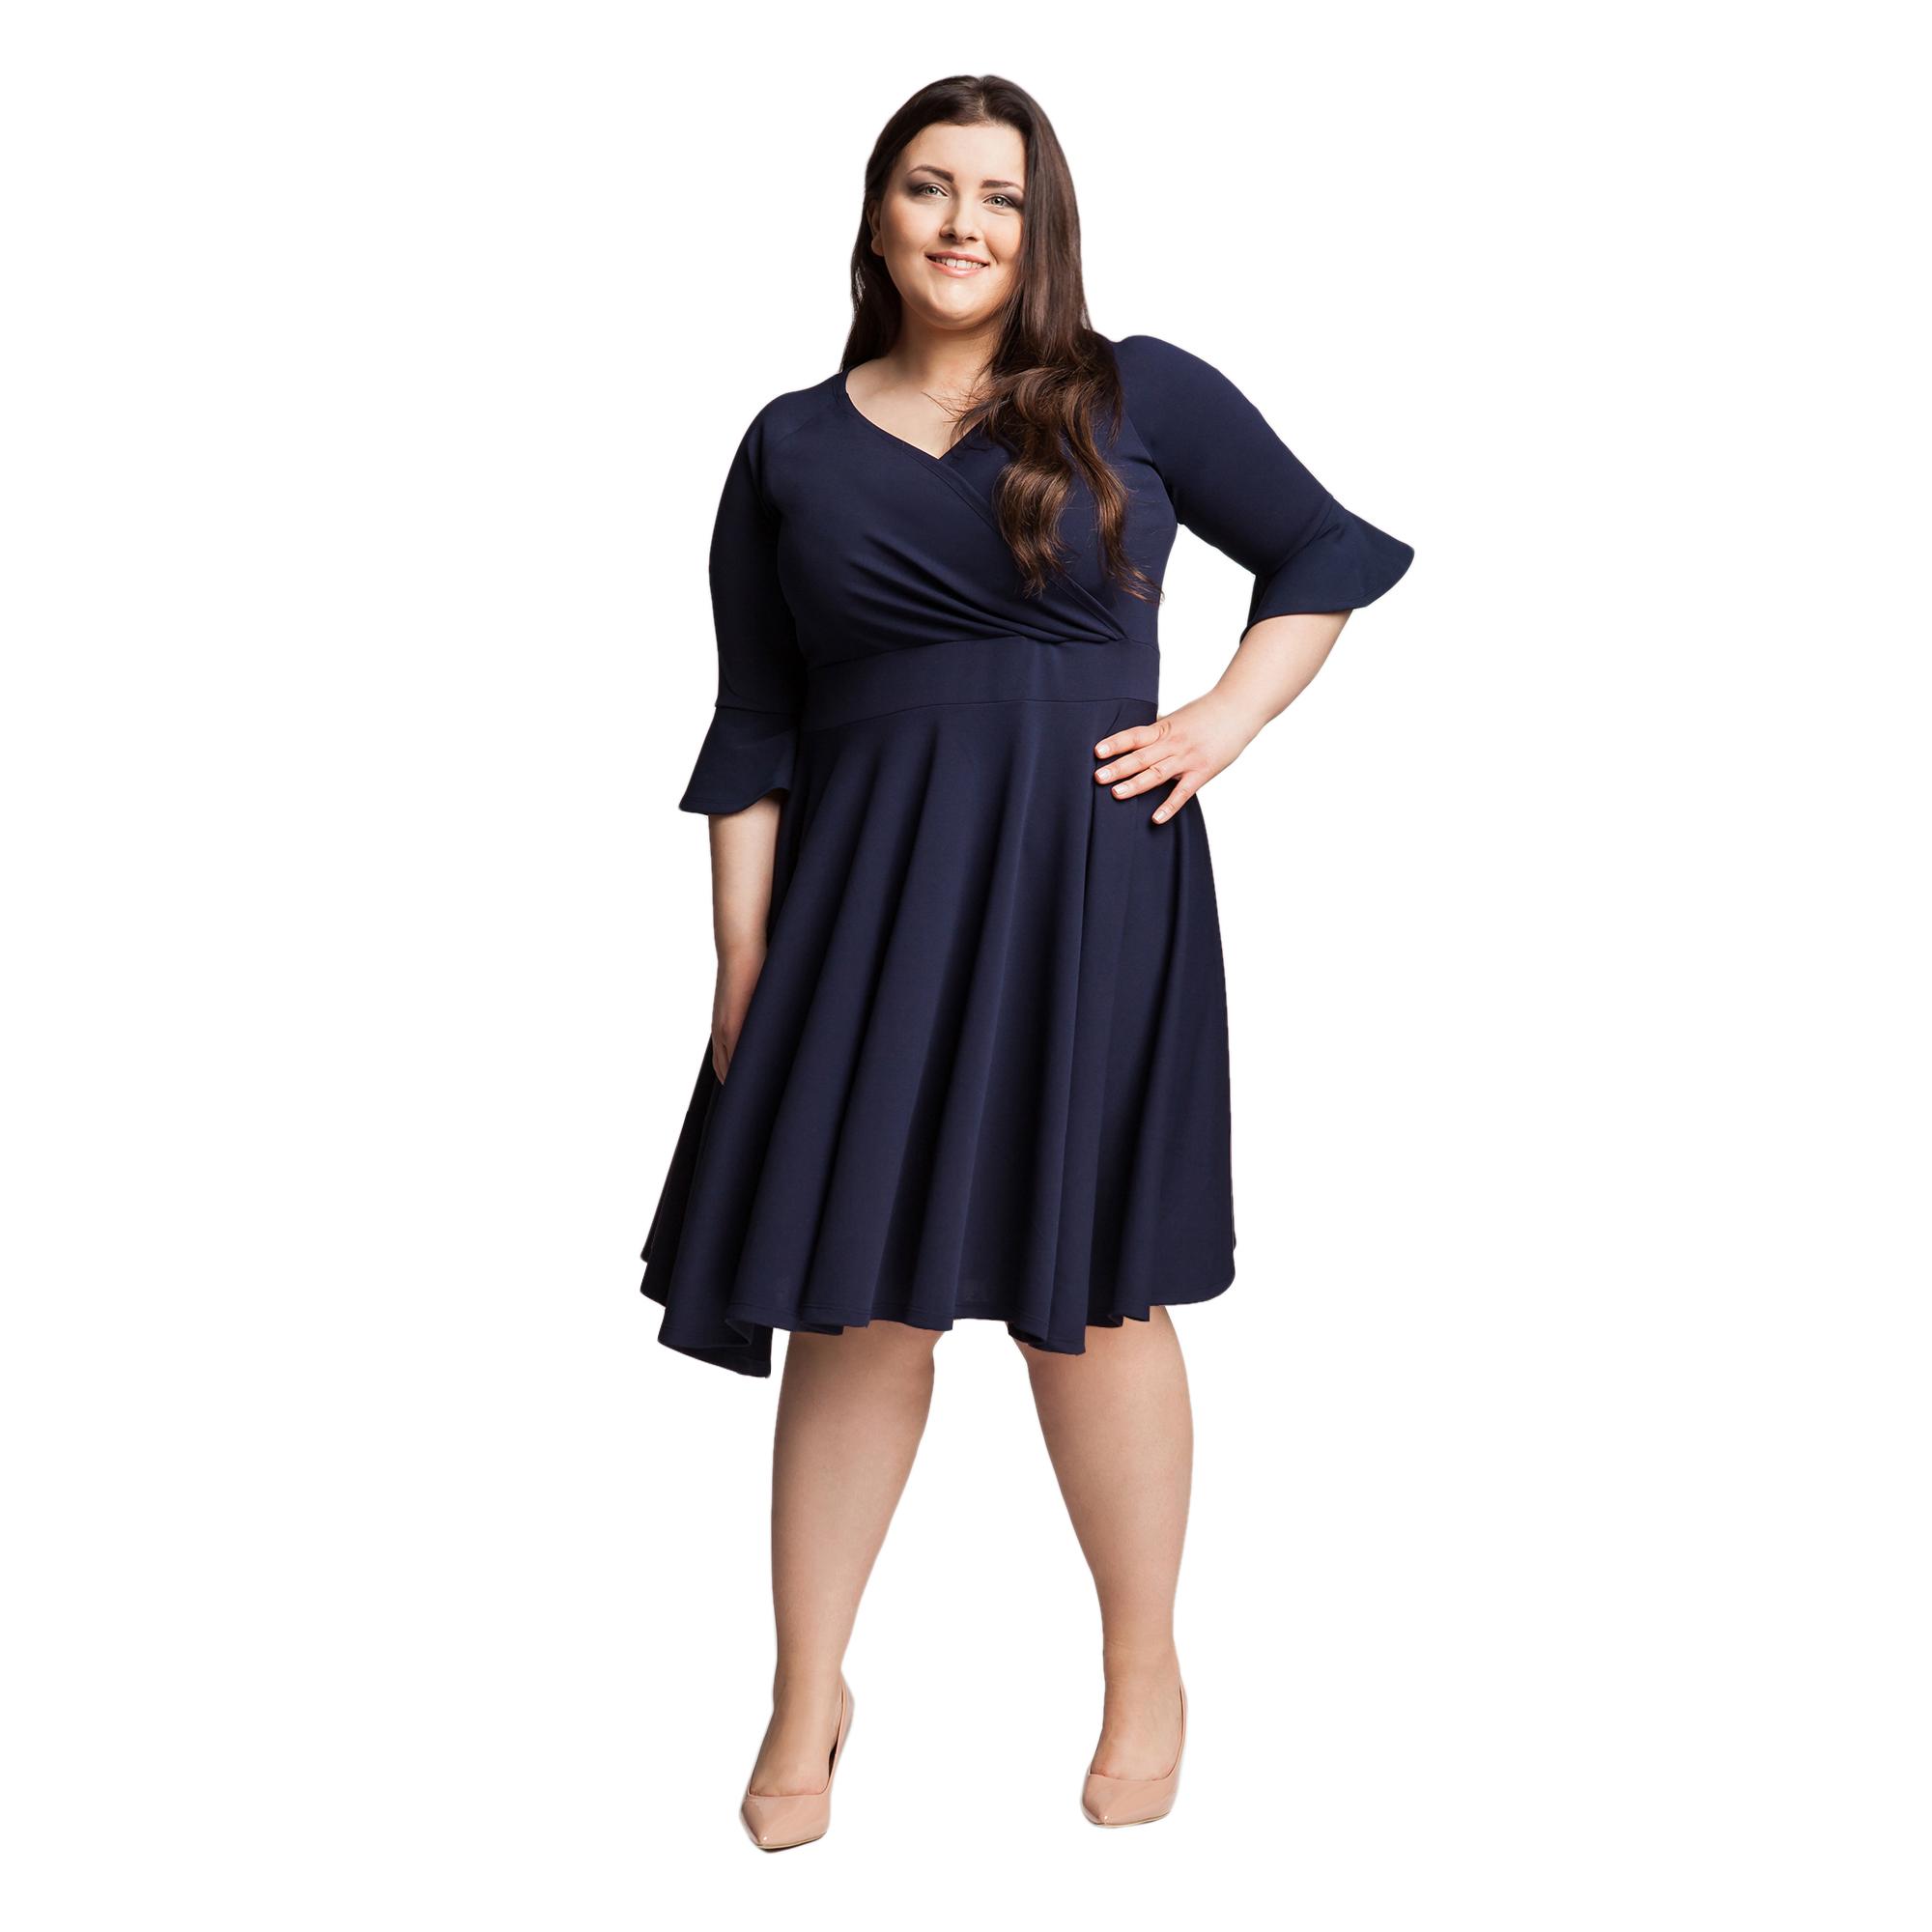 7d0adf99ed Granatowa sukienka plus size z falbaną 52 54 XXL - 7359120693 ...